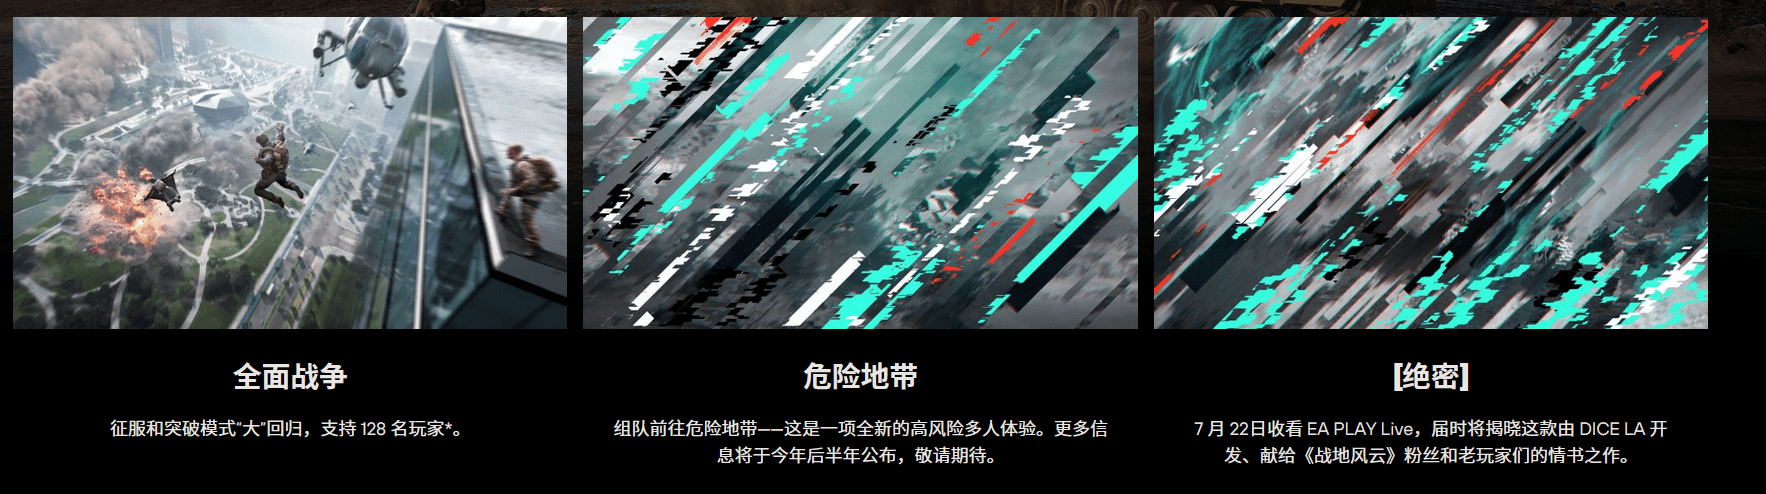 油管大神Jackfrags《战地2042》游戏详细情报视频日韩美a一级毛片无码字幕